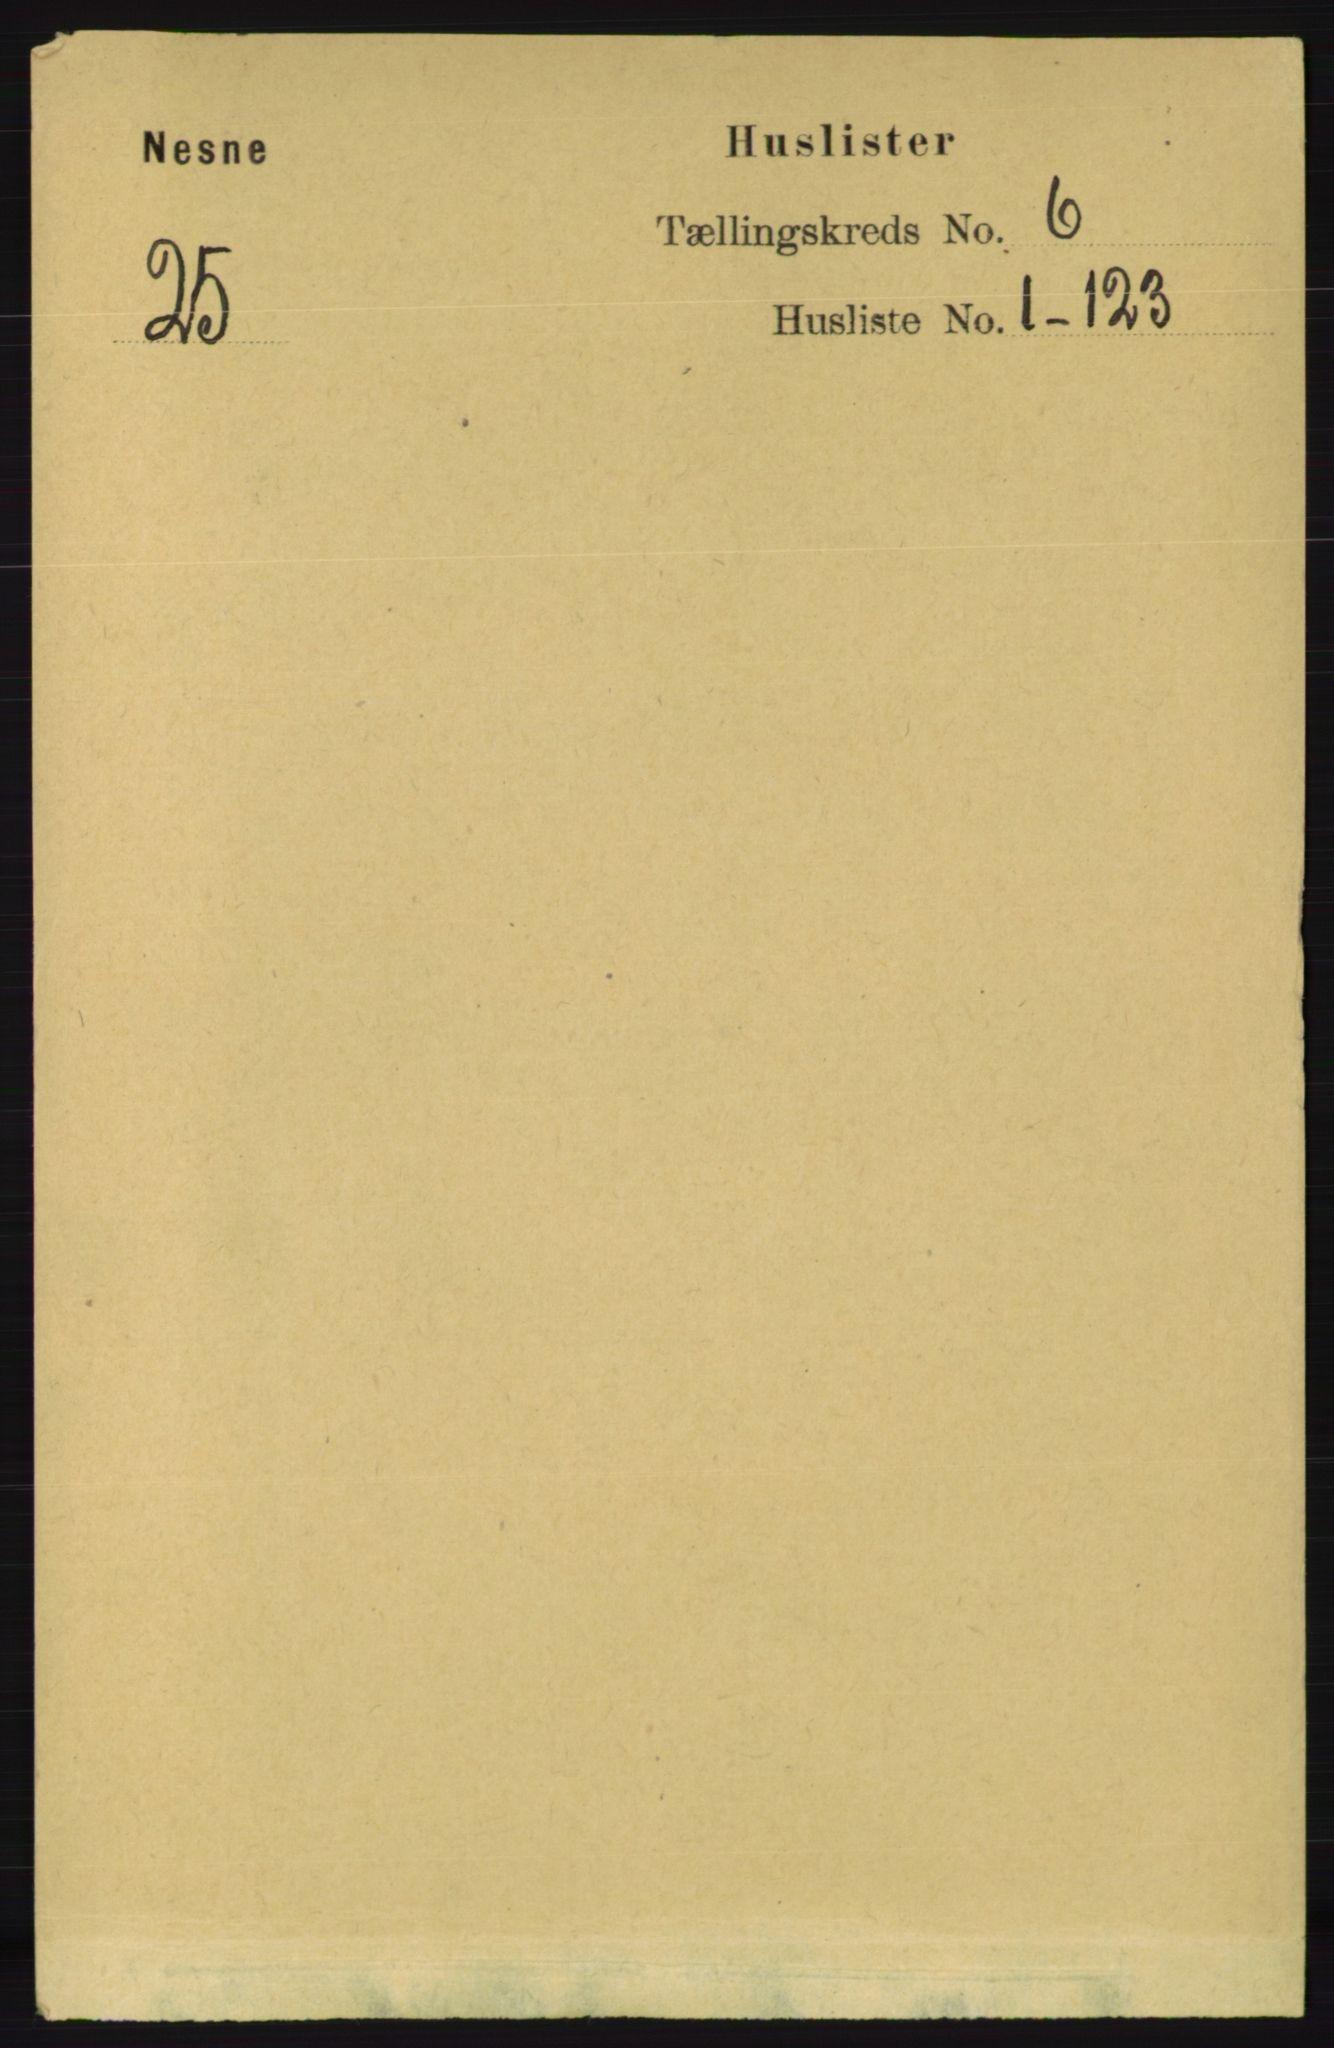 RA, Folketelling 1891 for 1828 Nesna herred, 1891, s. 3218